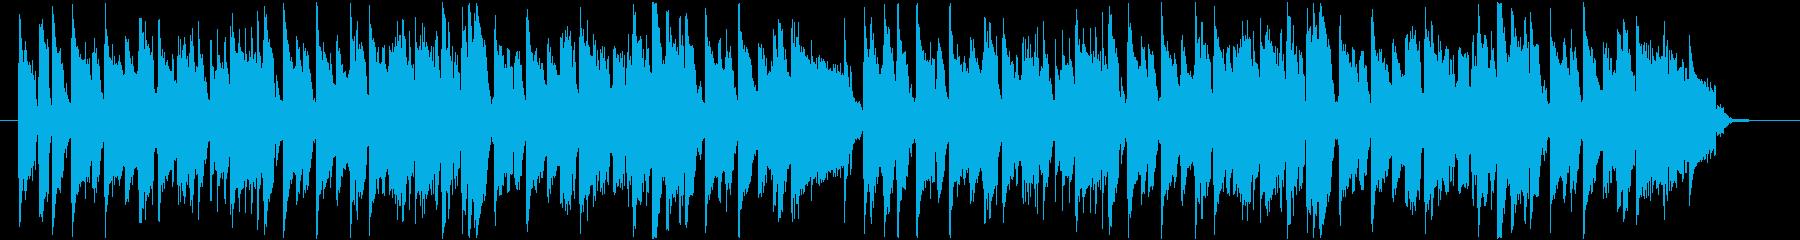 ワールド 民族 トロピカル アクテ...の再生済みの波形